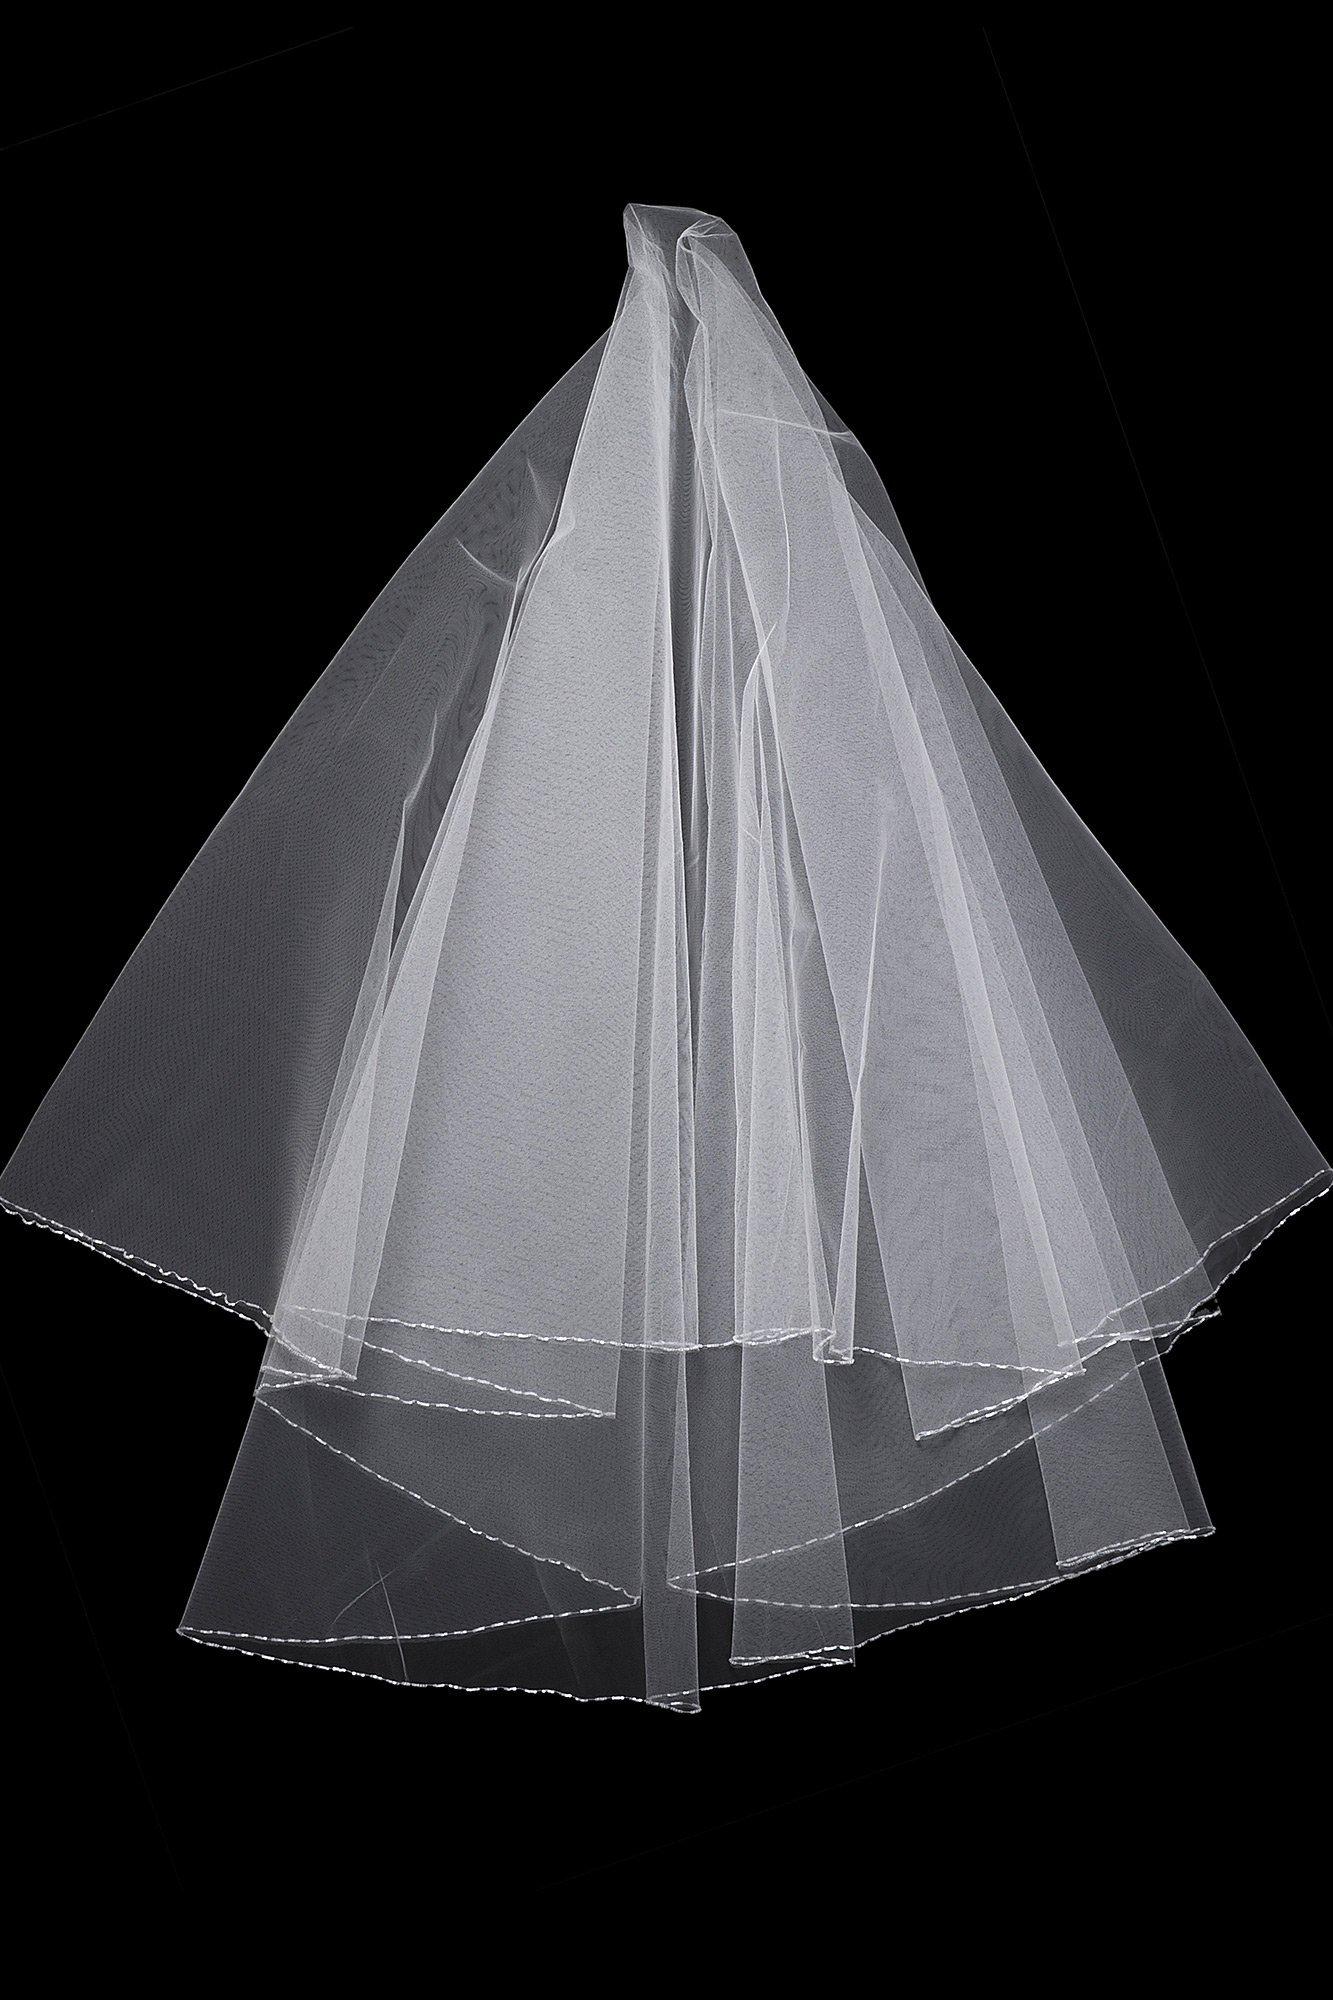 Пышная полупрозрачная фата средней длины, украшенная лишь по краю.